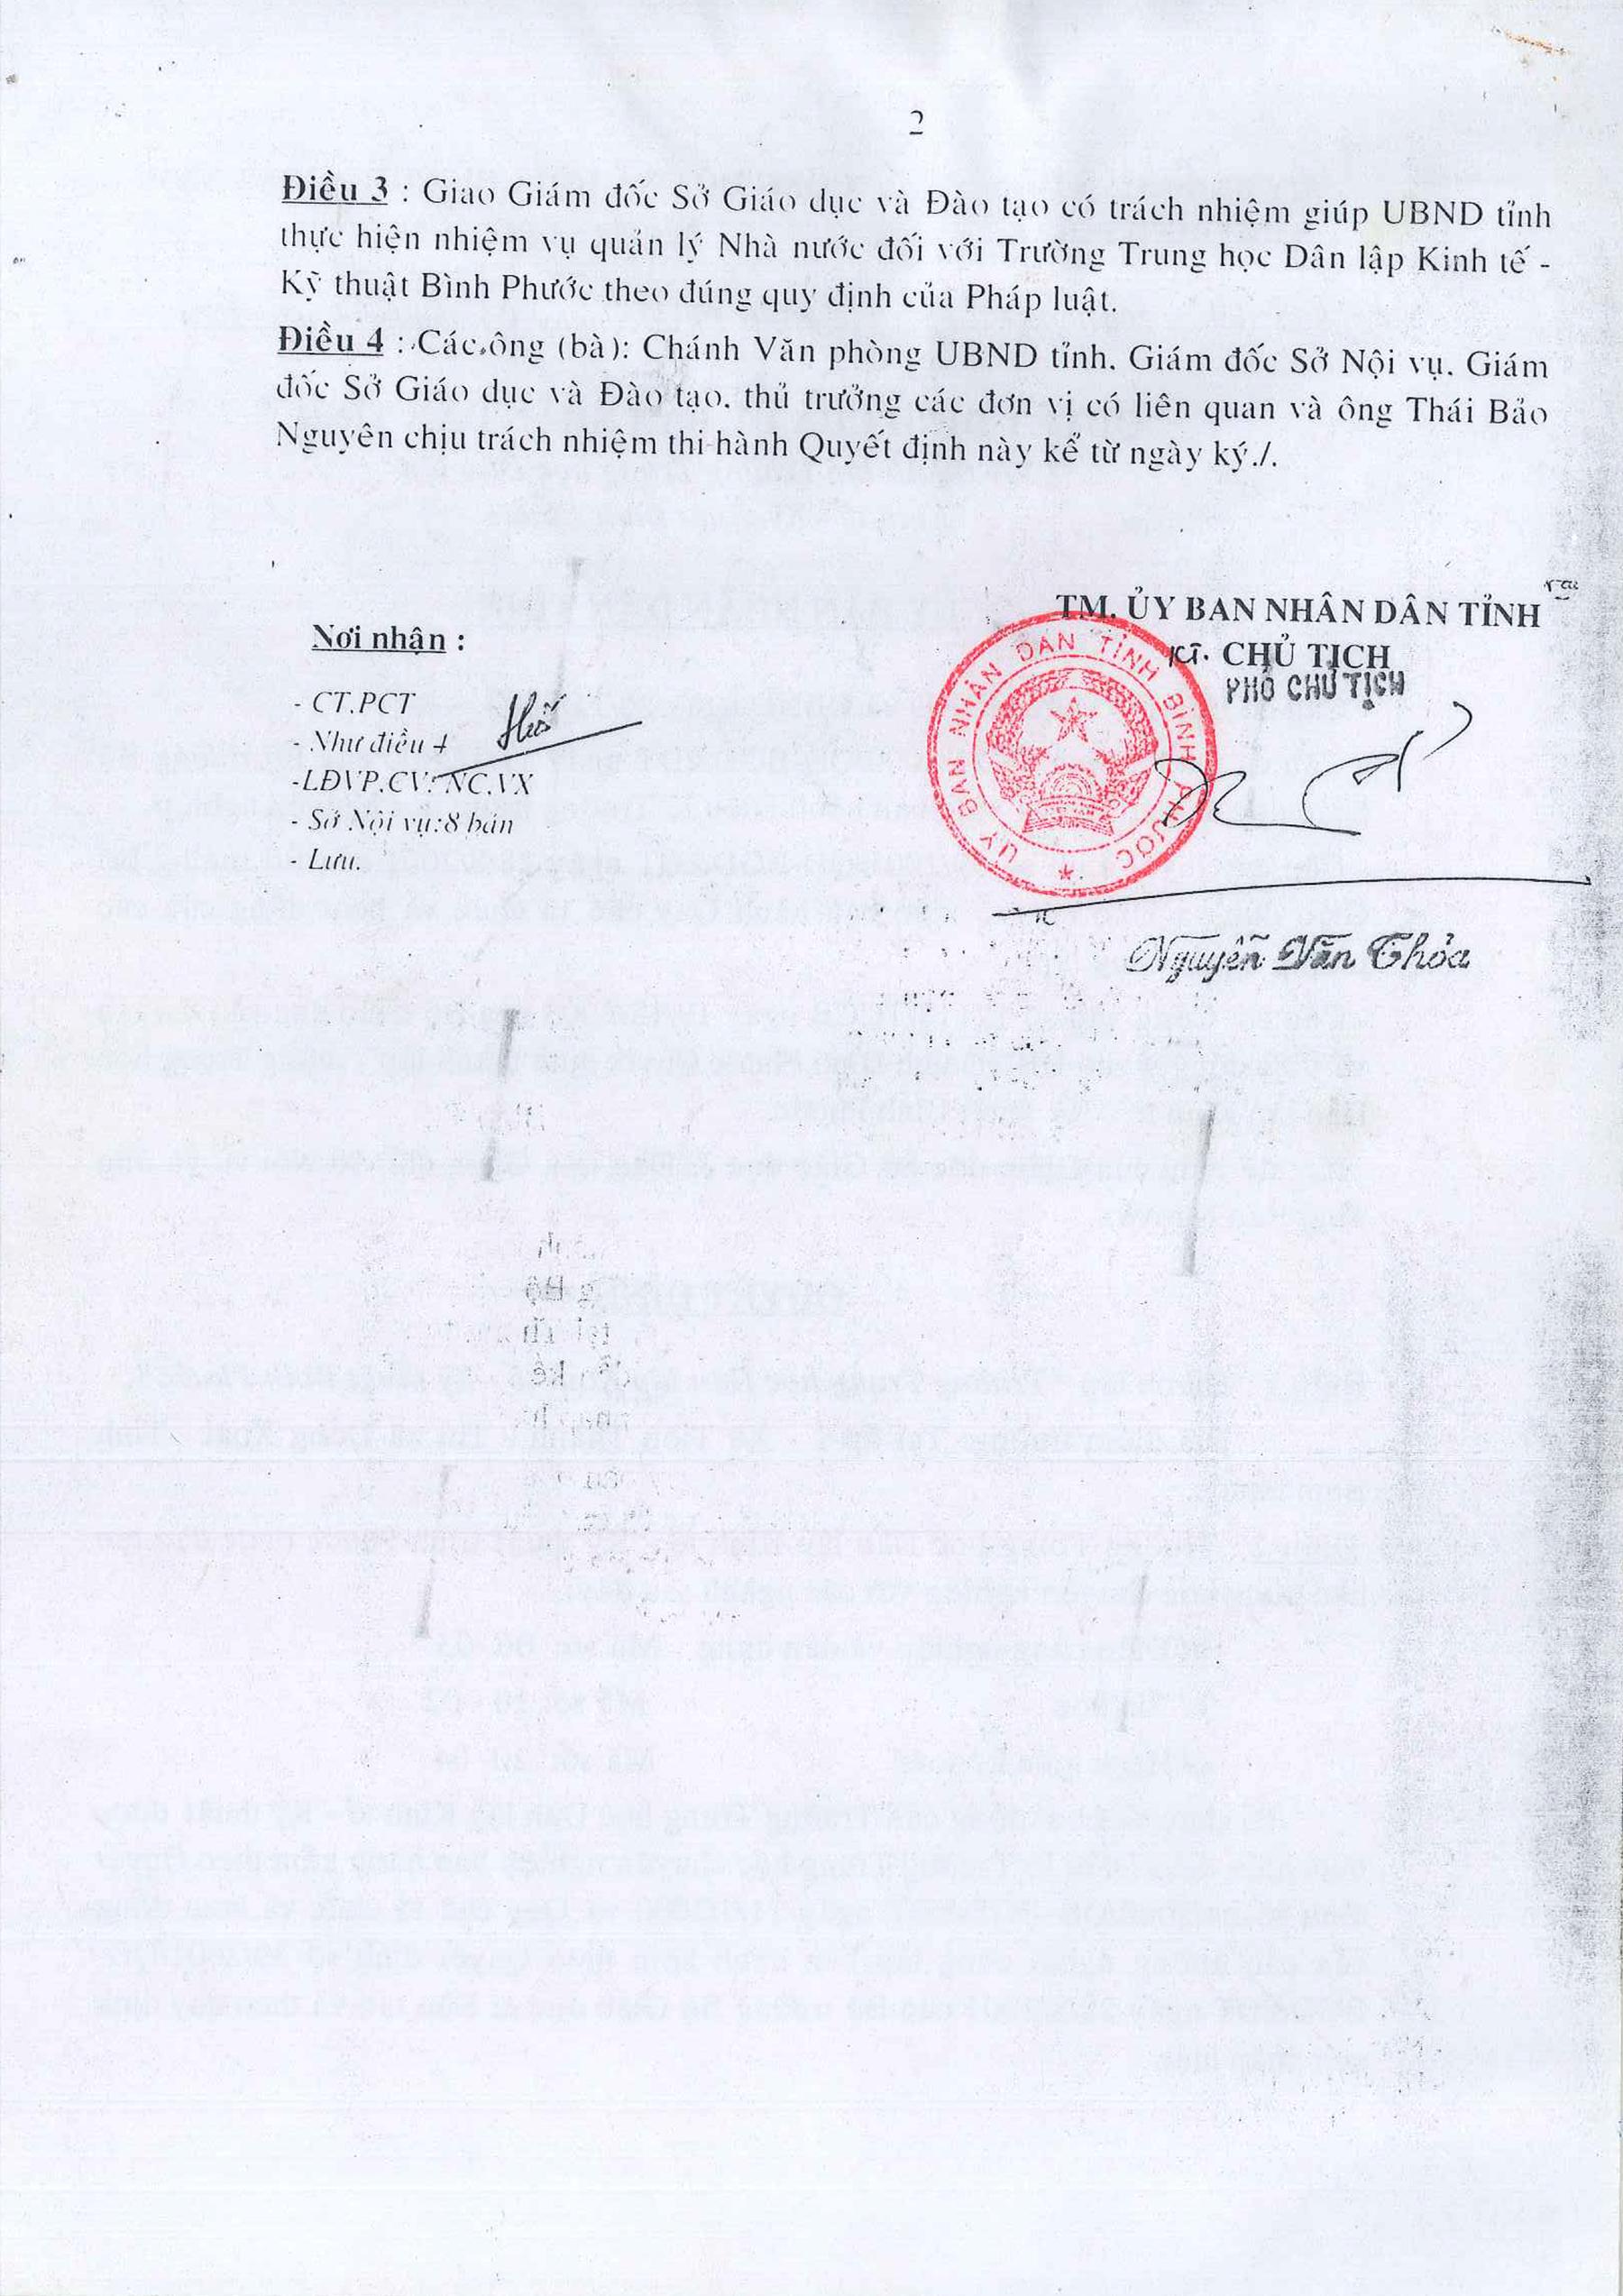 Quyết Định Thành Lập Trường Dân Lập Kinh Tế Kỹ Thuật Bình Phước